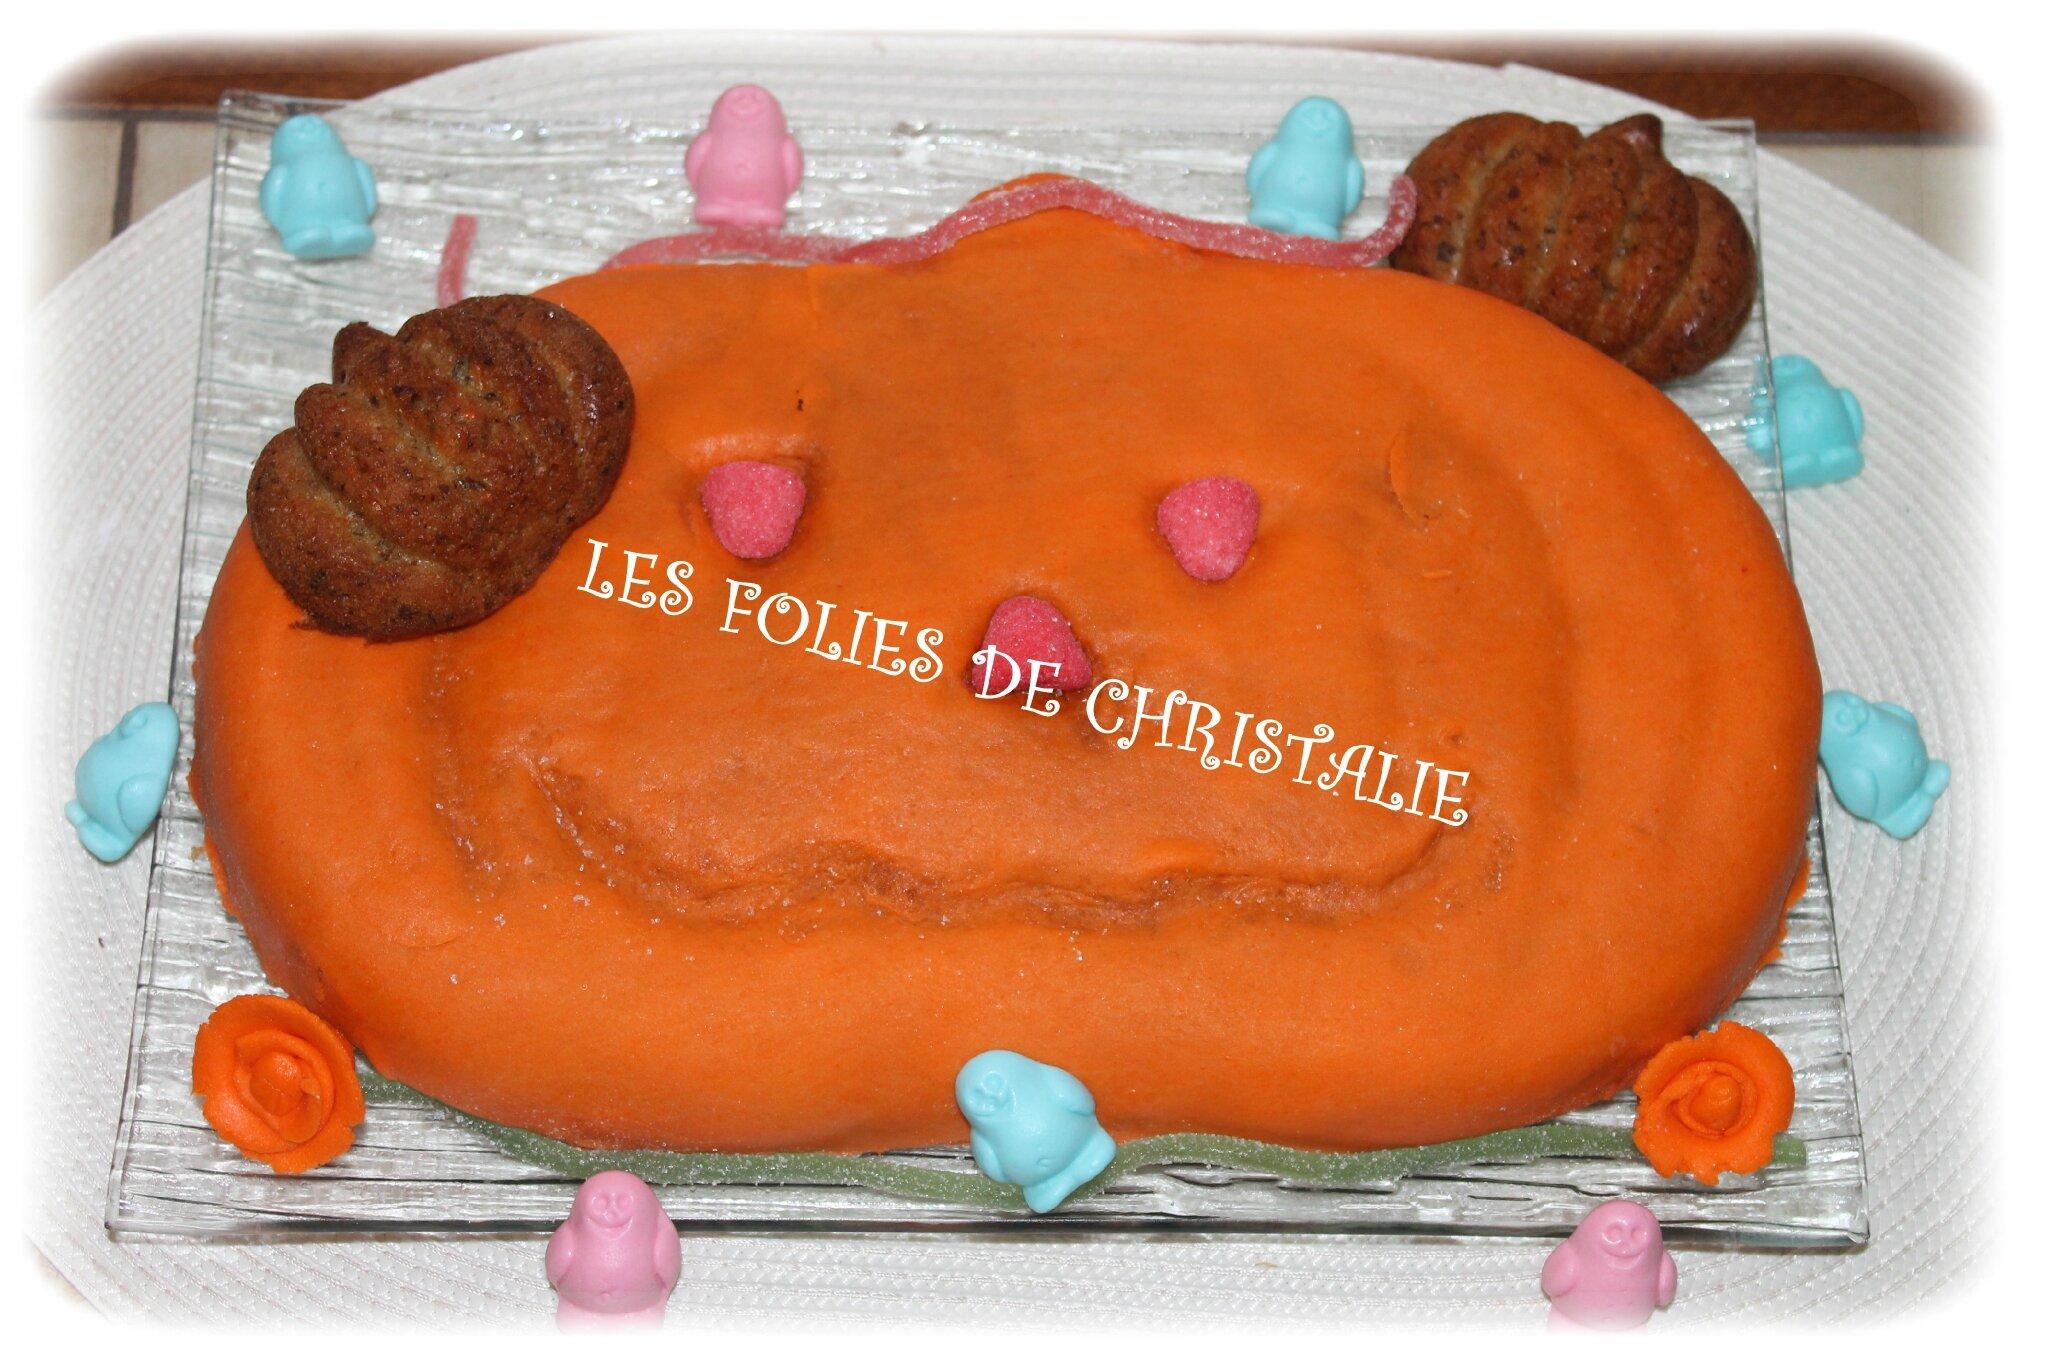 Carrot cake 16